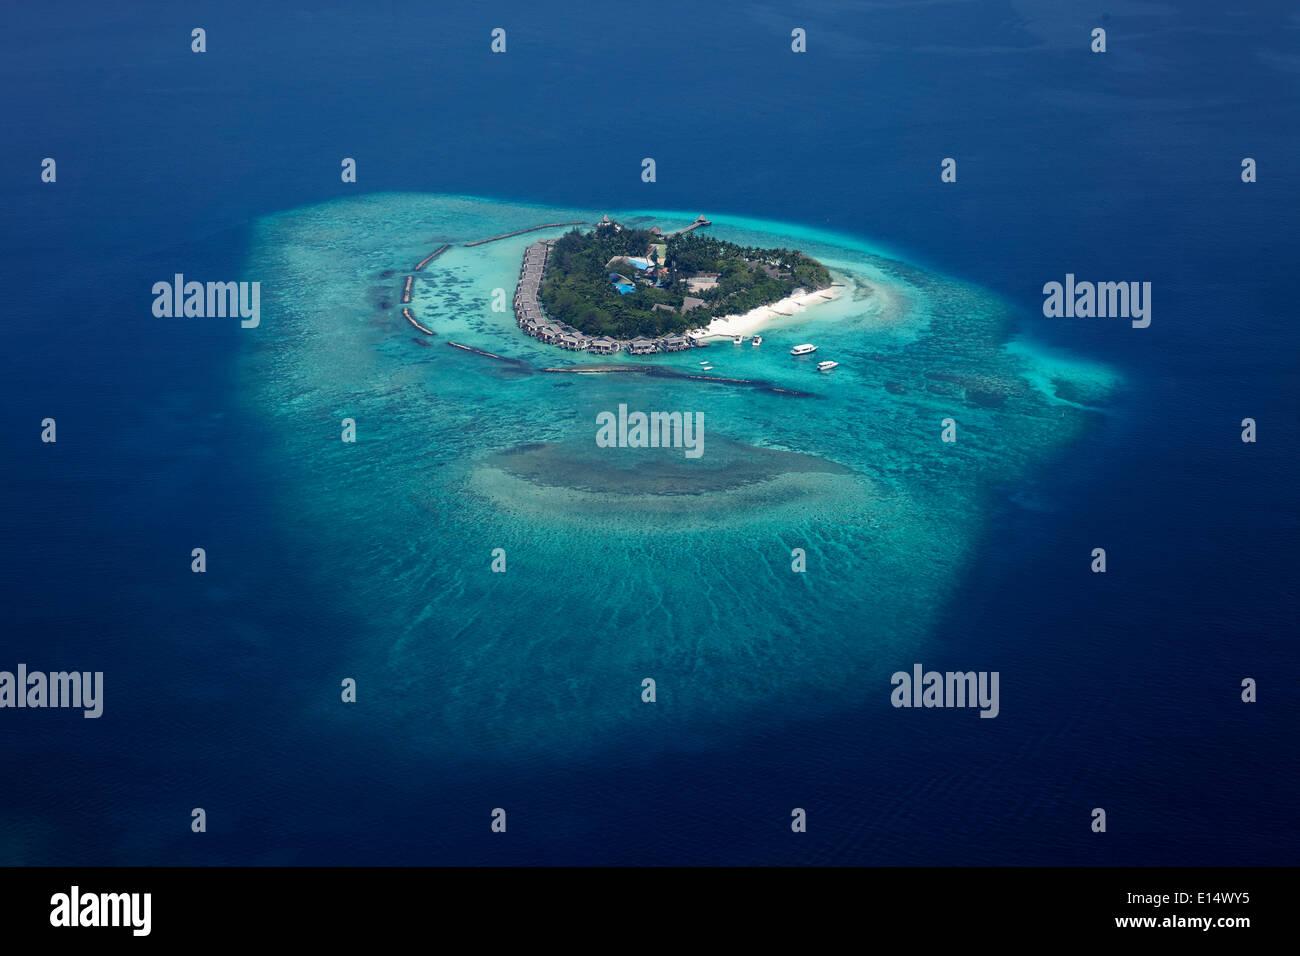 Vista aérea de la isla, en el Océano Índico, Maldivas Foto de stock